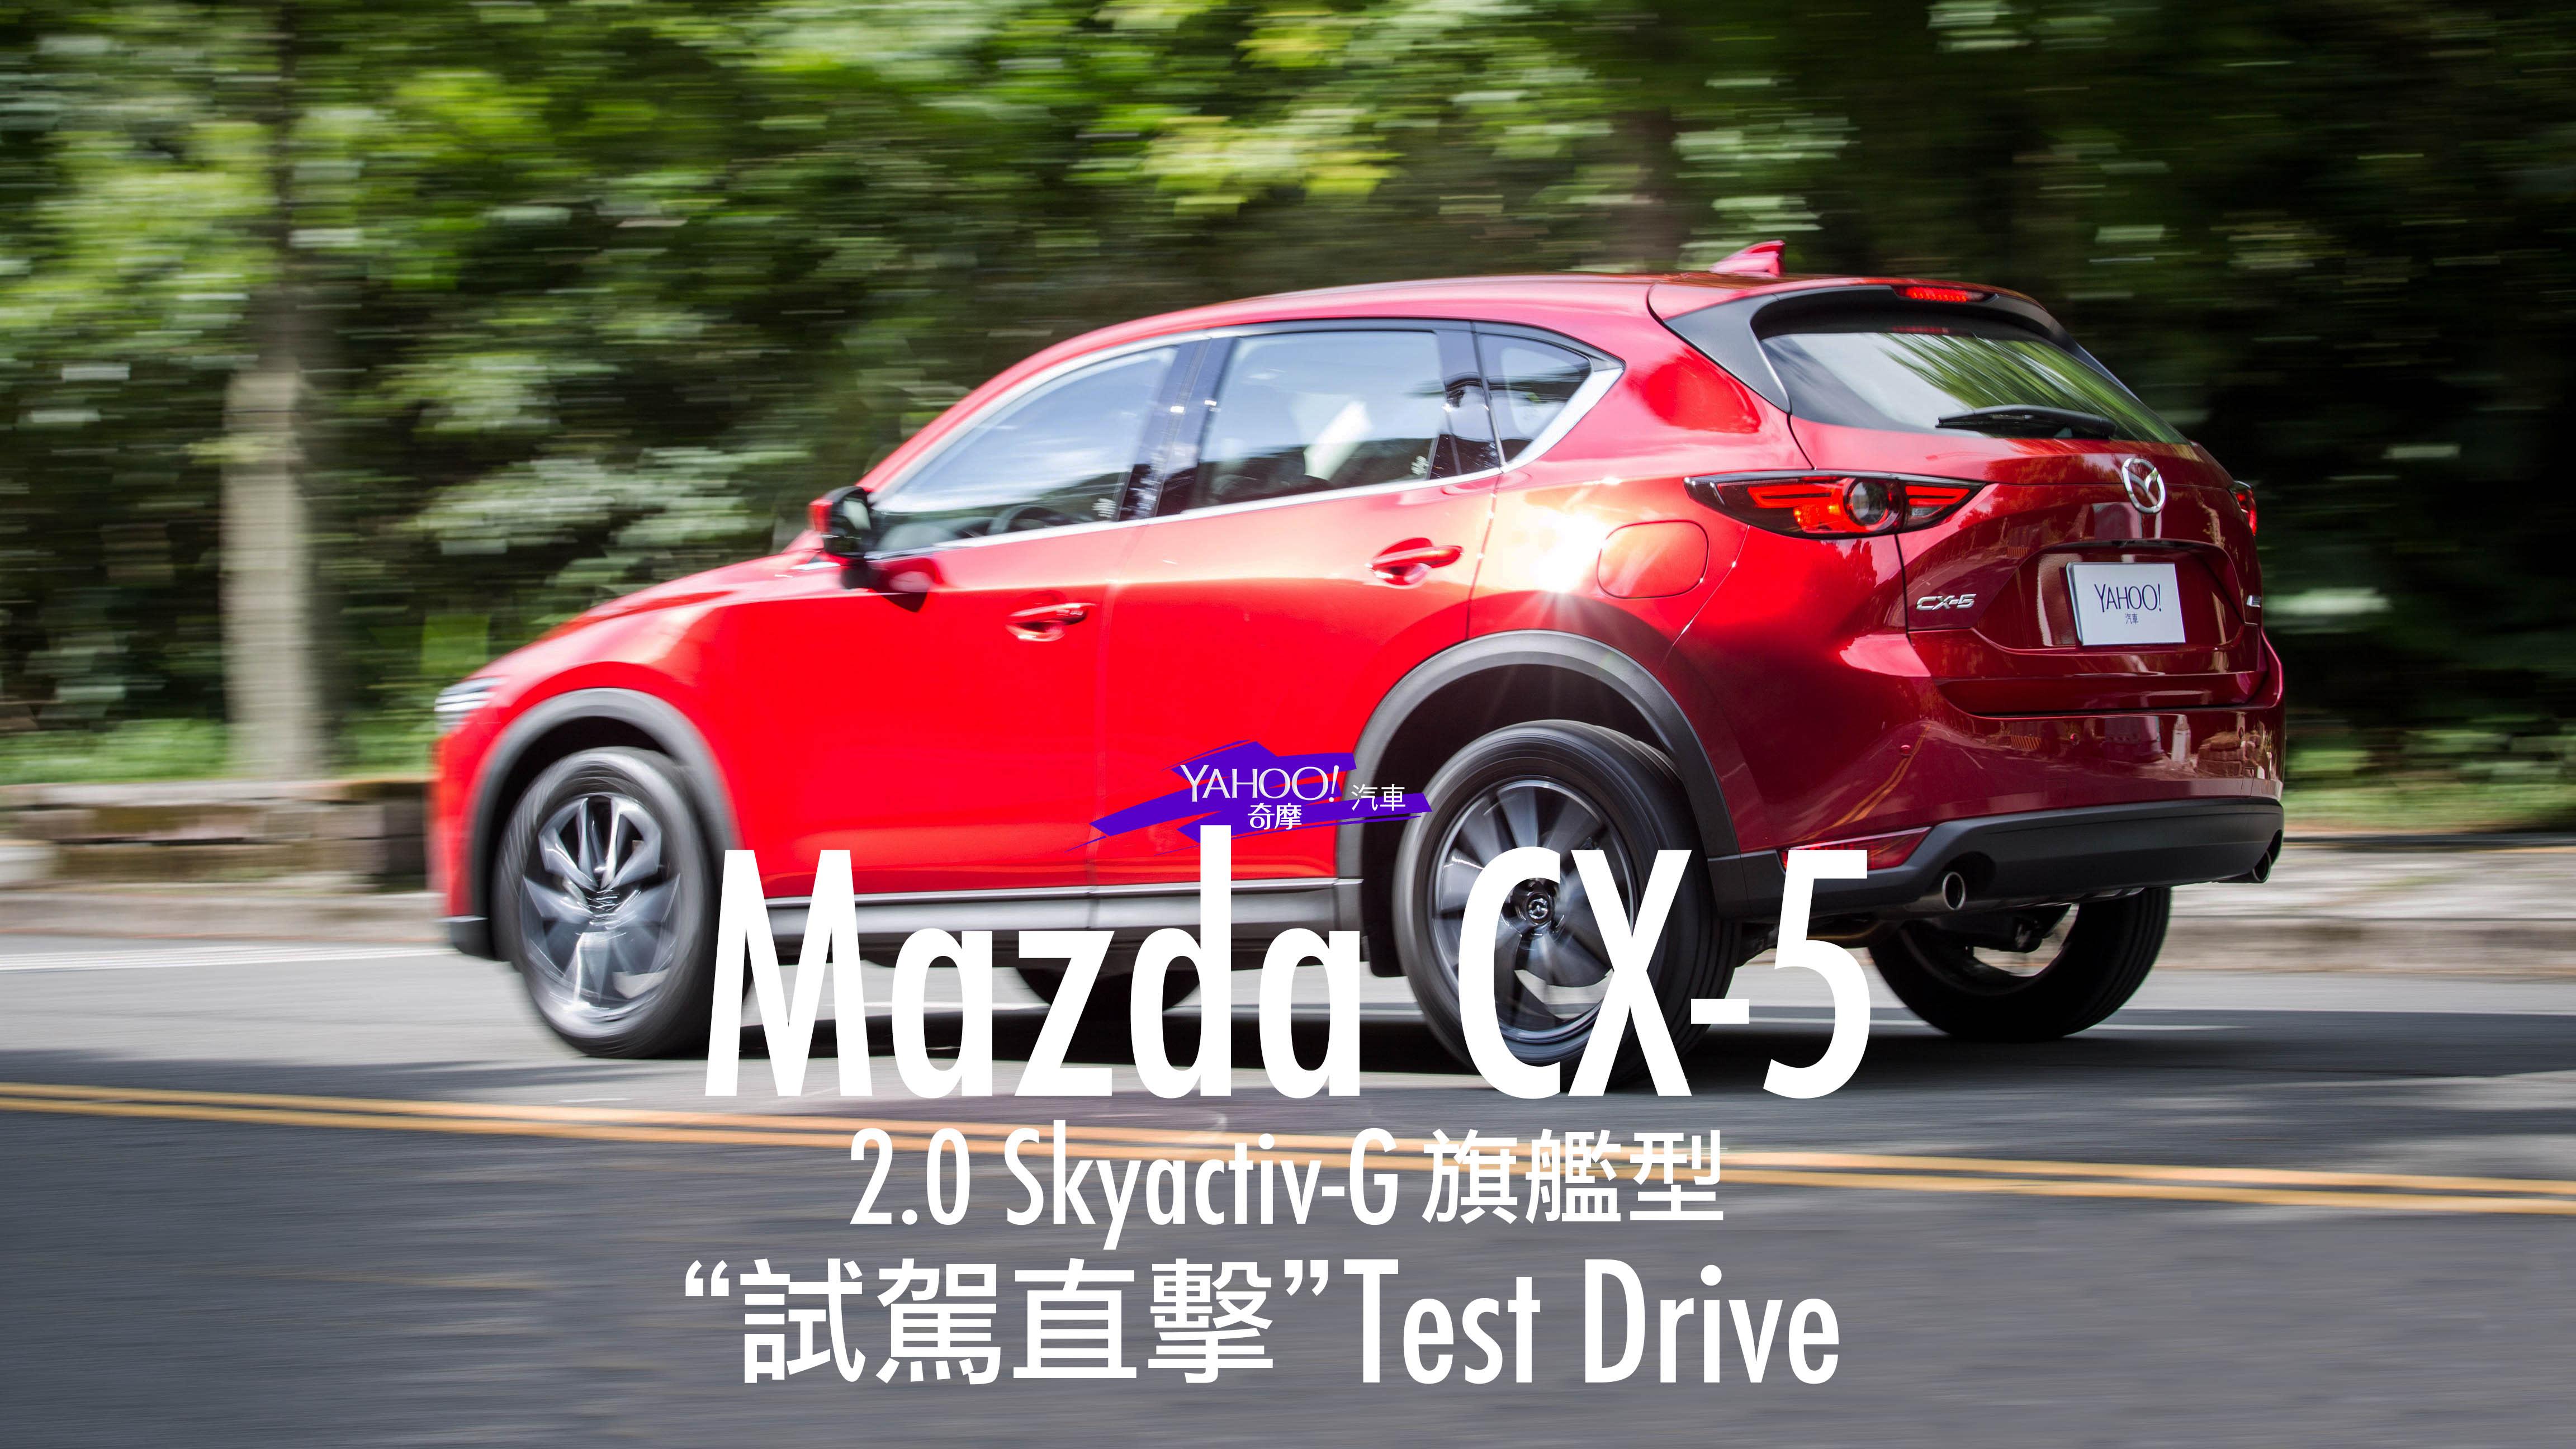 【試駕直擊】休旅年代的駕馭初衷!2019年式Mazda CX-5試駕